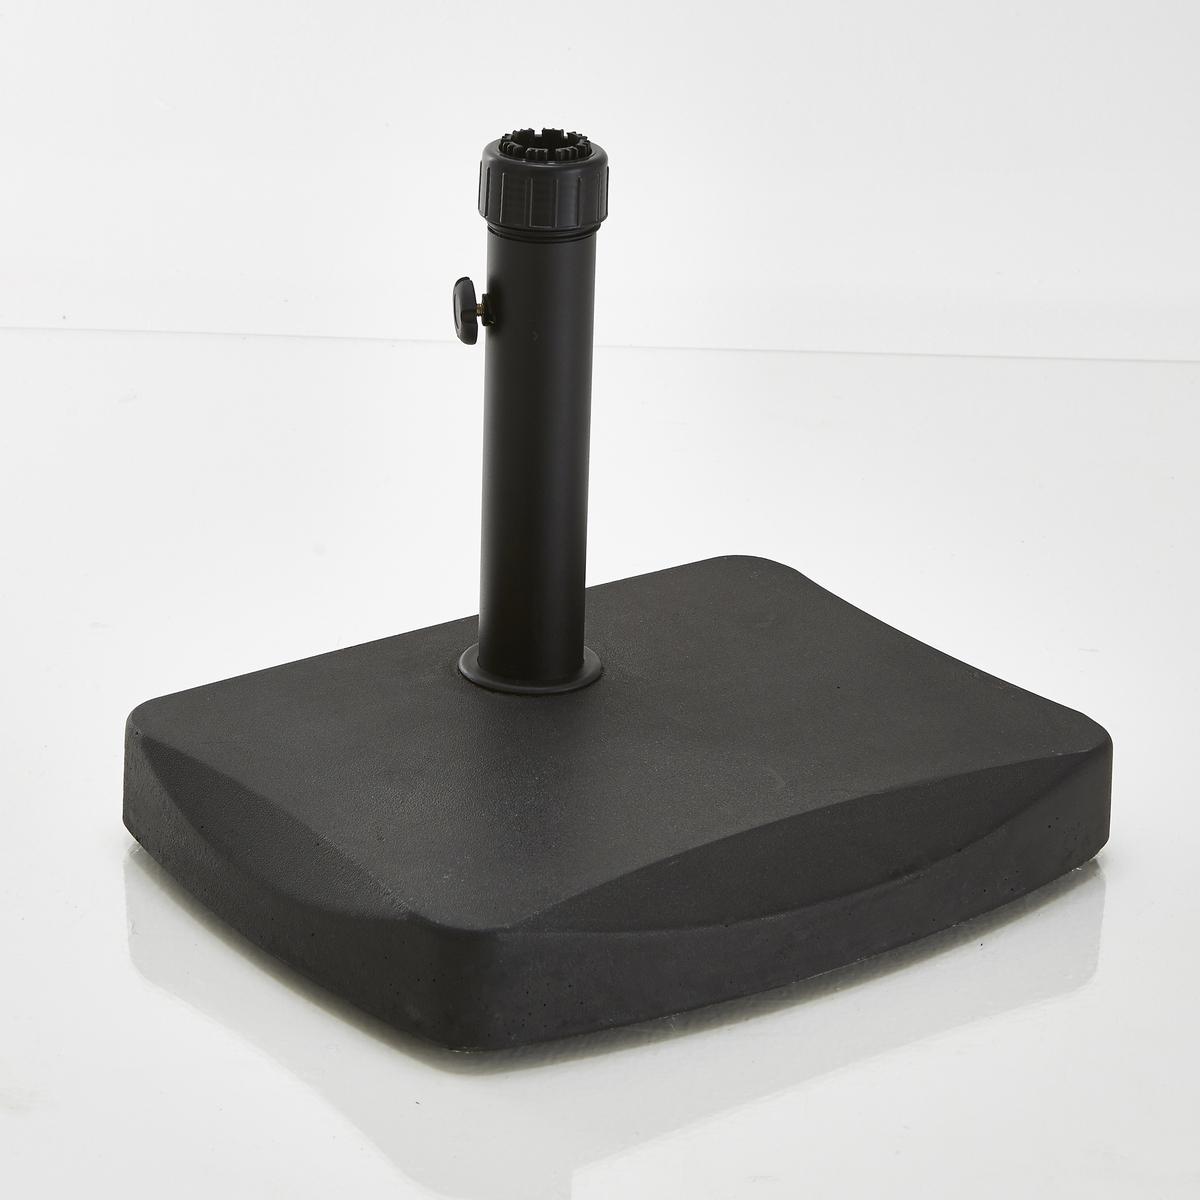 Стойка для тентаСтойка для тента на балкон или террасу Описание стойки для тента:Для тента в форме полумесяца для балкона или террасы.Характеристики стойки для тента:Каркас из каучука.Найдите все аксессуары для сада на сайте laredoute.ru.Размеры стойки для тента:47.5 x В.36.5 x 65 мм.Ширина трубки: 32.5 x ? 58 x 1.2 мм, регулируется на ?38 - ?48 мм.Размер и вес с упаковкой:1 упаковка.Ш.50 x В.10 x Г.68 см.Доставка:Для стойки предусмотрена самостоятельная сборка. Доставка до квартиры!Внимание! Убедитесь, что товар возможно доставить на дом, учитывая его габариты (проходит в двери, по лестницам, в лифты).<br><br>Цвет: черный